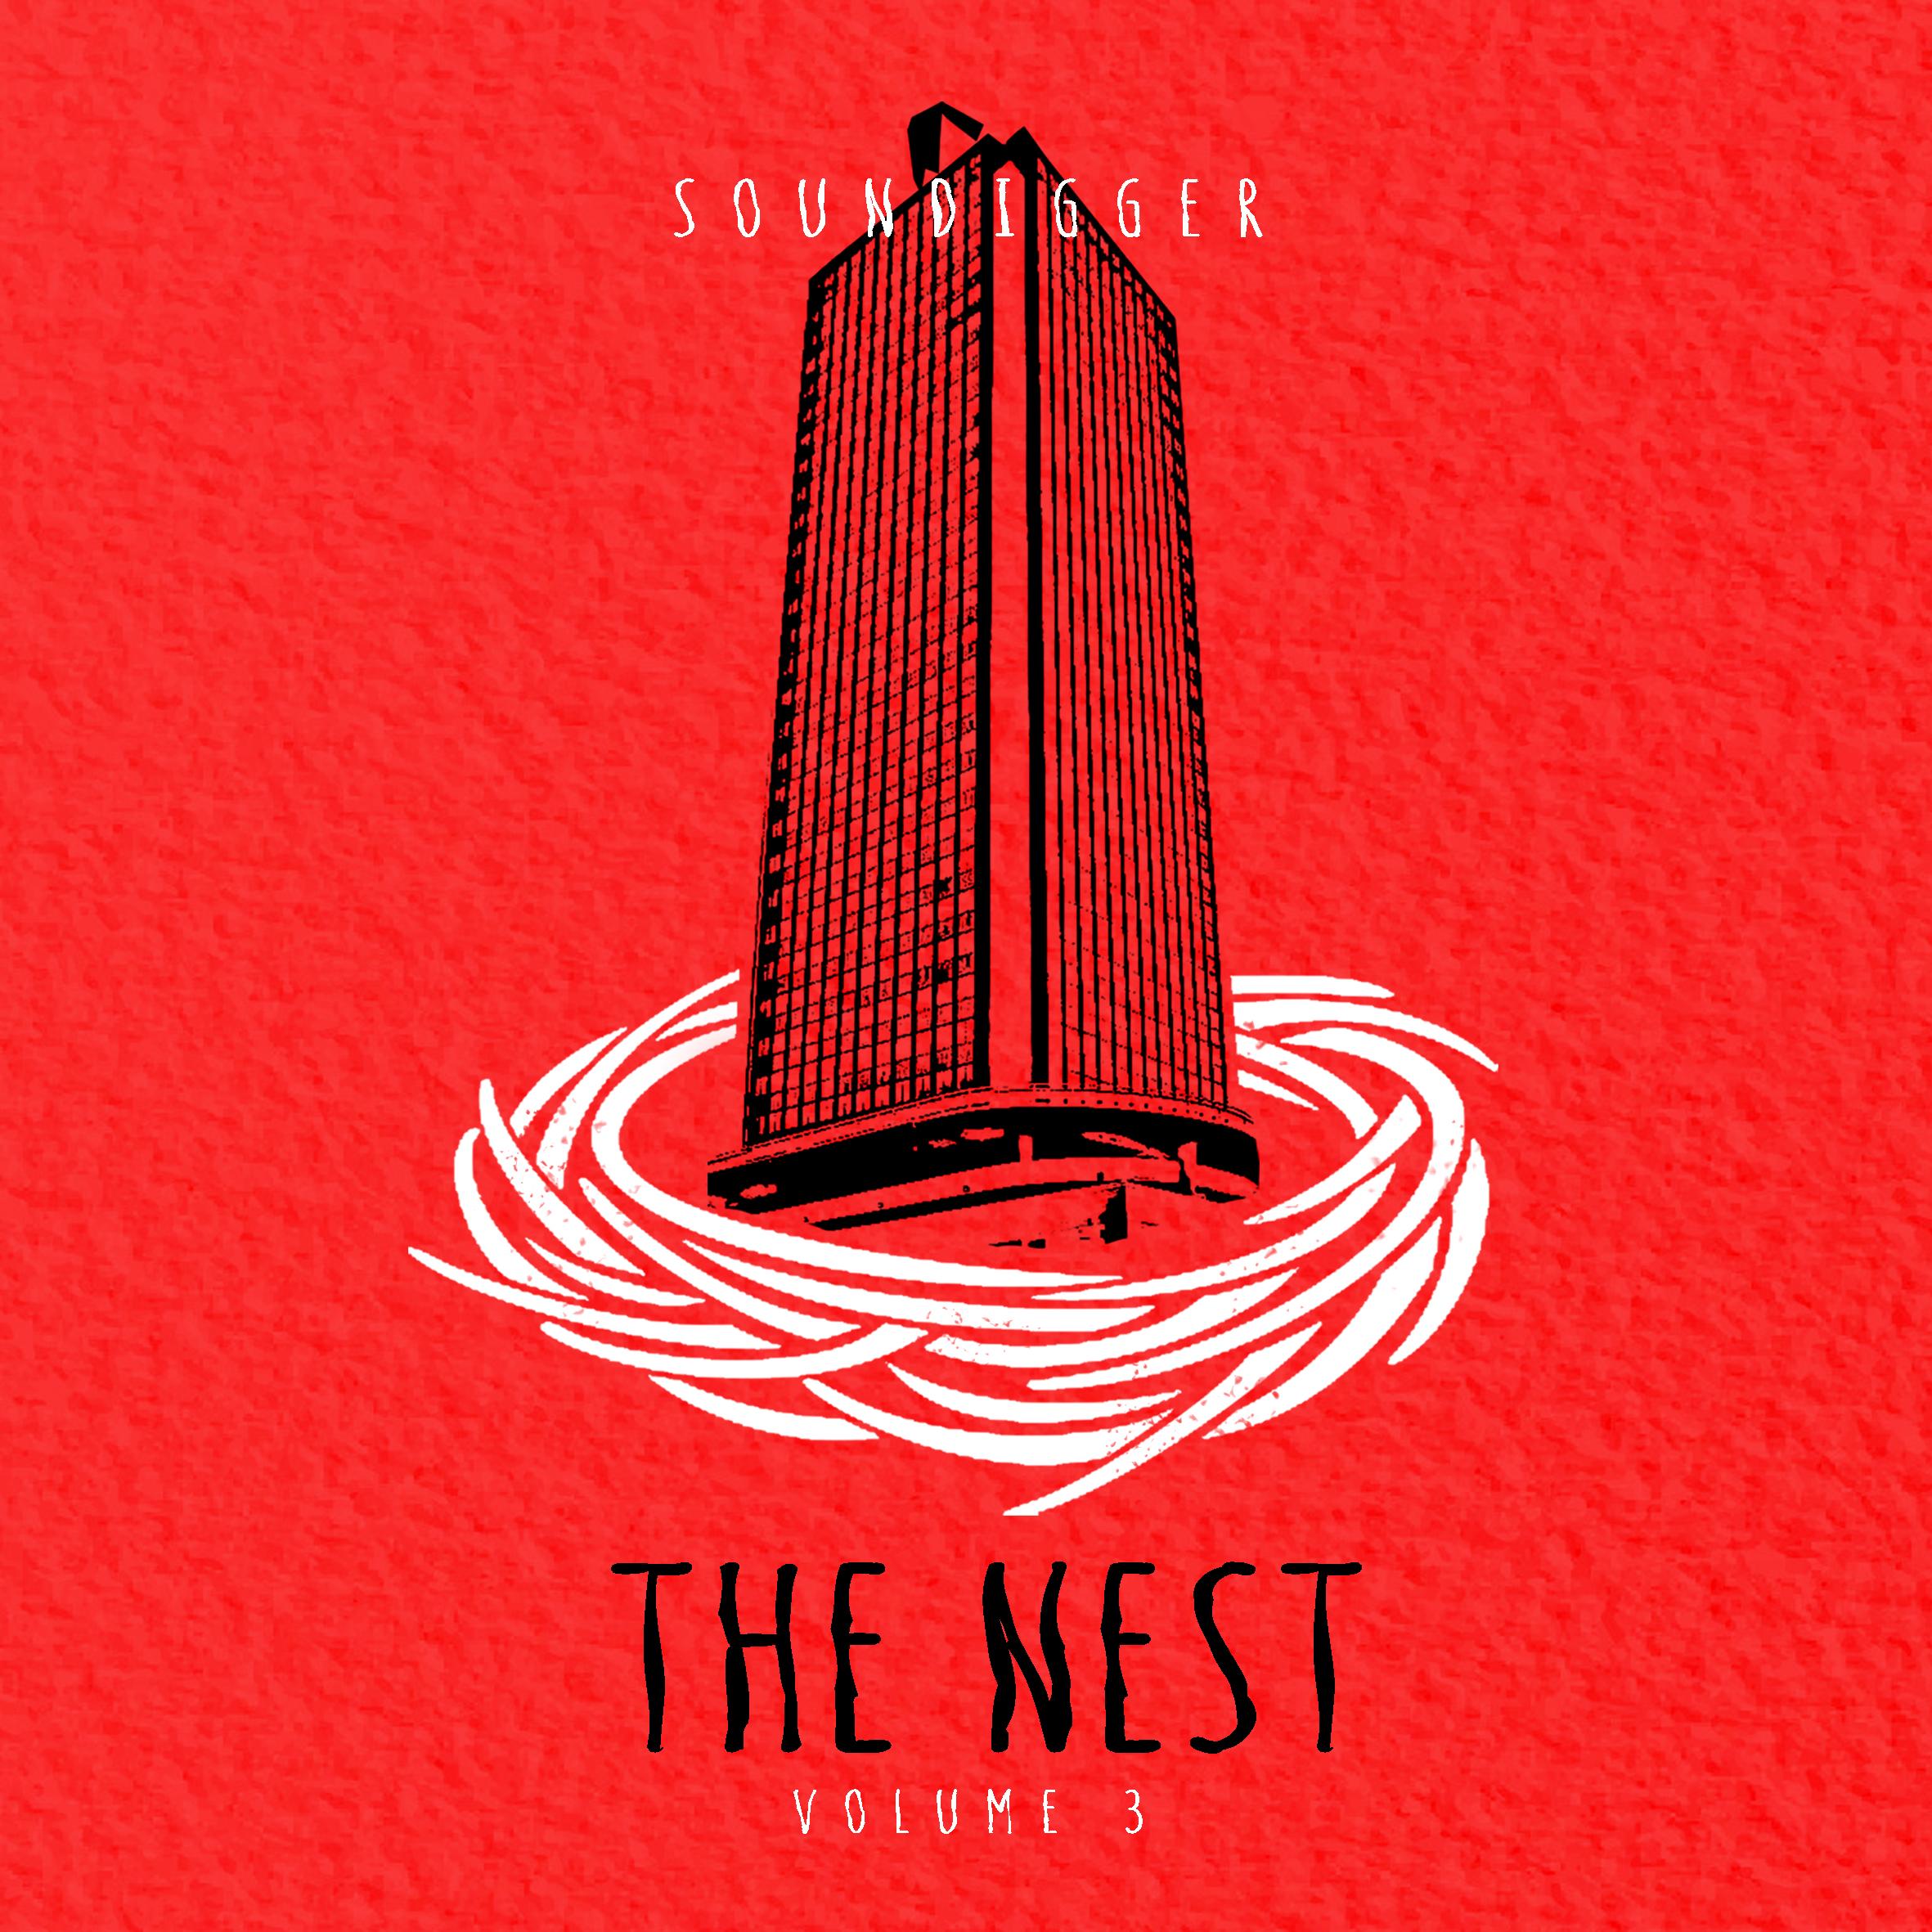 The Nest Vol.3 : une compilation 100% beatmaking nantais arrive fort